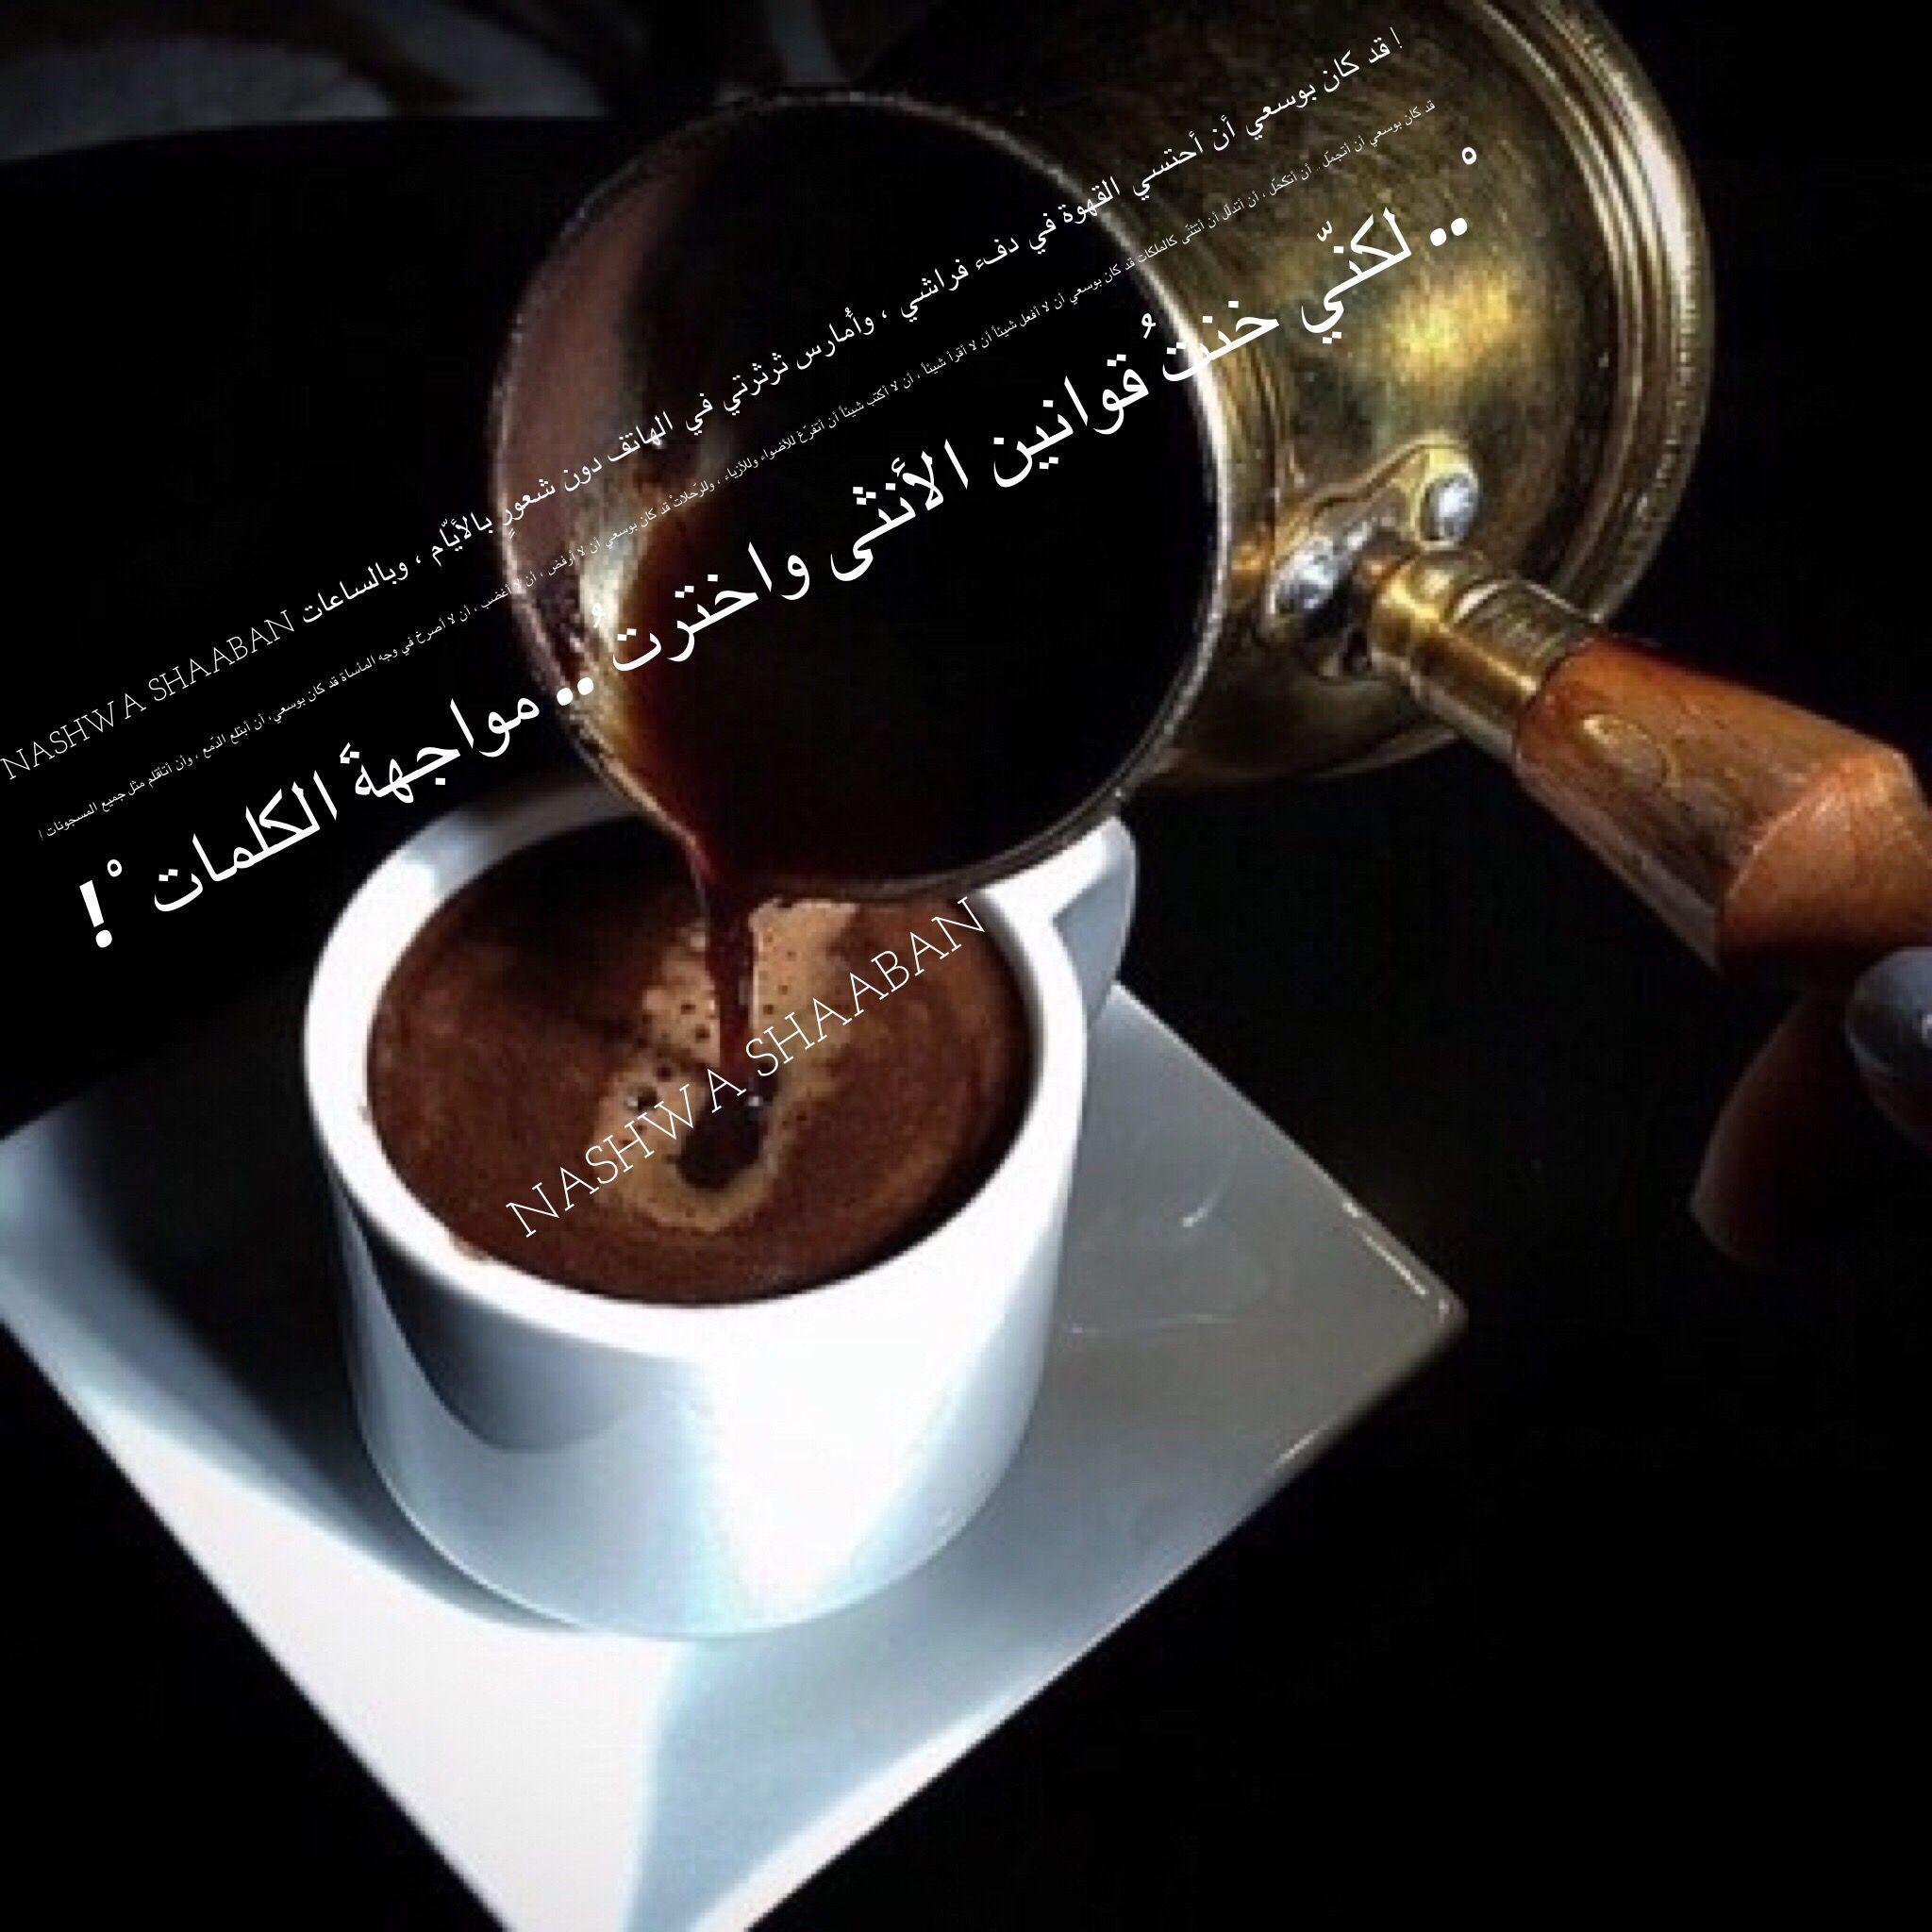 Nashwa Shaaban ﻗﺪ ﻛﺎﻥ ﺑﻮﺳﻌﻲ ﺃﻥ ﺃﺣﺘﺴﻲ ﺍﻟﻘﻬﻮﺓ ﻓﻲ ﺩﻑﺀ ﻓﺮﺍﺷﻲ ﻭﺃ ﻣﺎﺭﺱ ﺛﺮﺛﺮﺗﻲ ﻓﻲ ﺍﻟﻬﺎﺗﻒ ﺩﻭﻥ ﺷﻌﻮﺭ ﺑﺎﻷﻳ ﺎﻡ ﻭﺑﺎﻟﺴﺎﻋﺎﺕ ﻗﺪ ﻛﺎﻥ Coffee Roasting Coffee Coffee Love